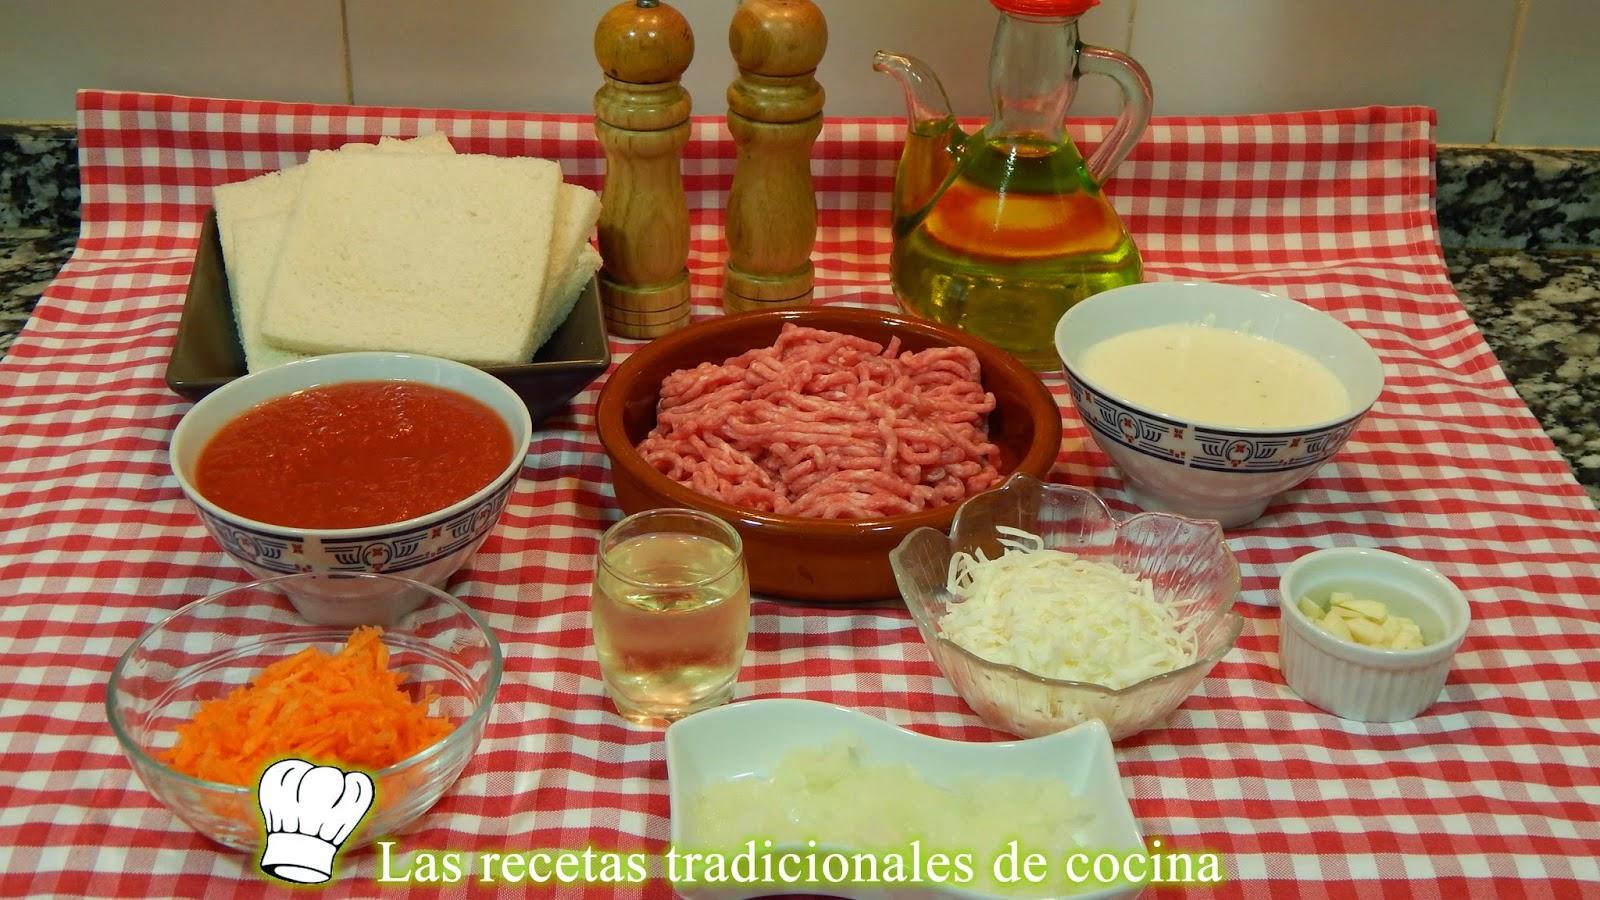 Receta fácild e lasaña de carne con pan de molde